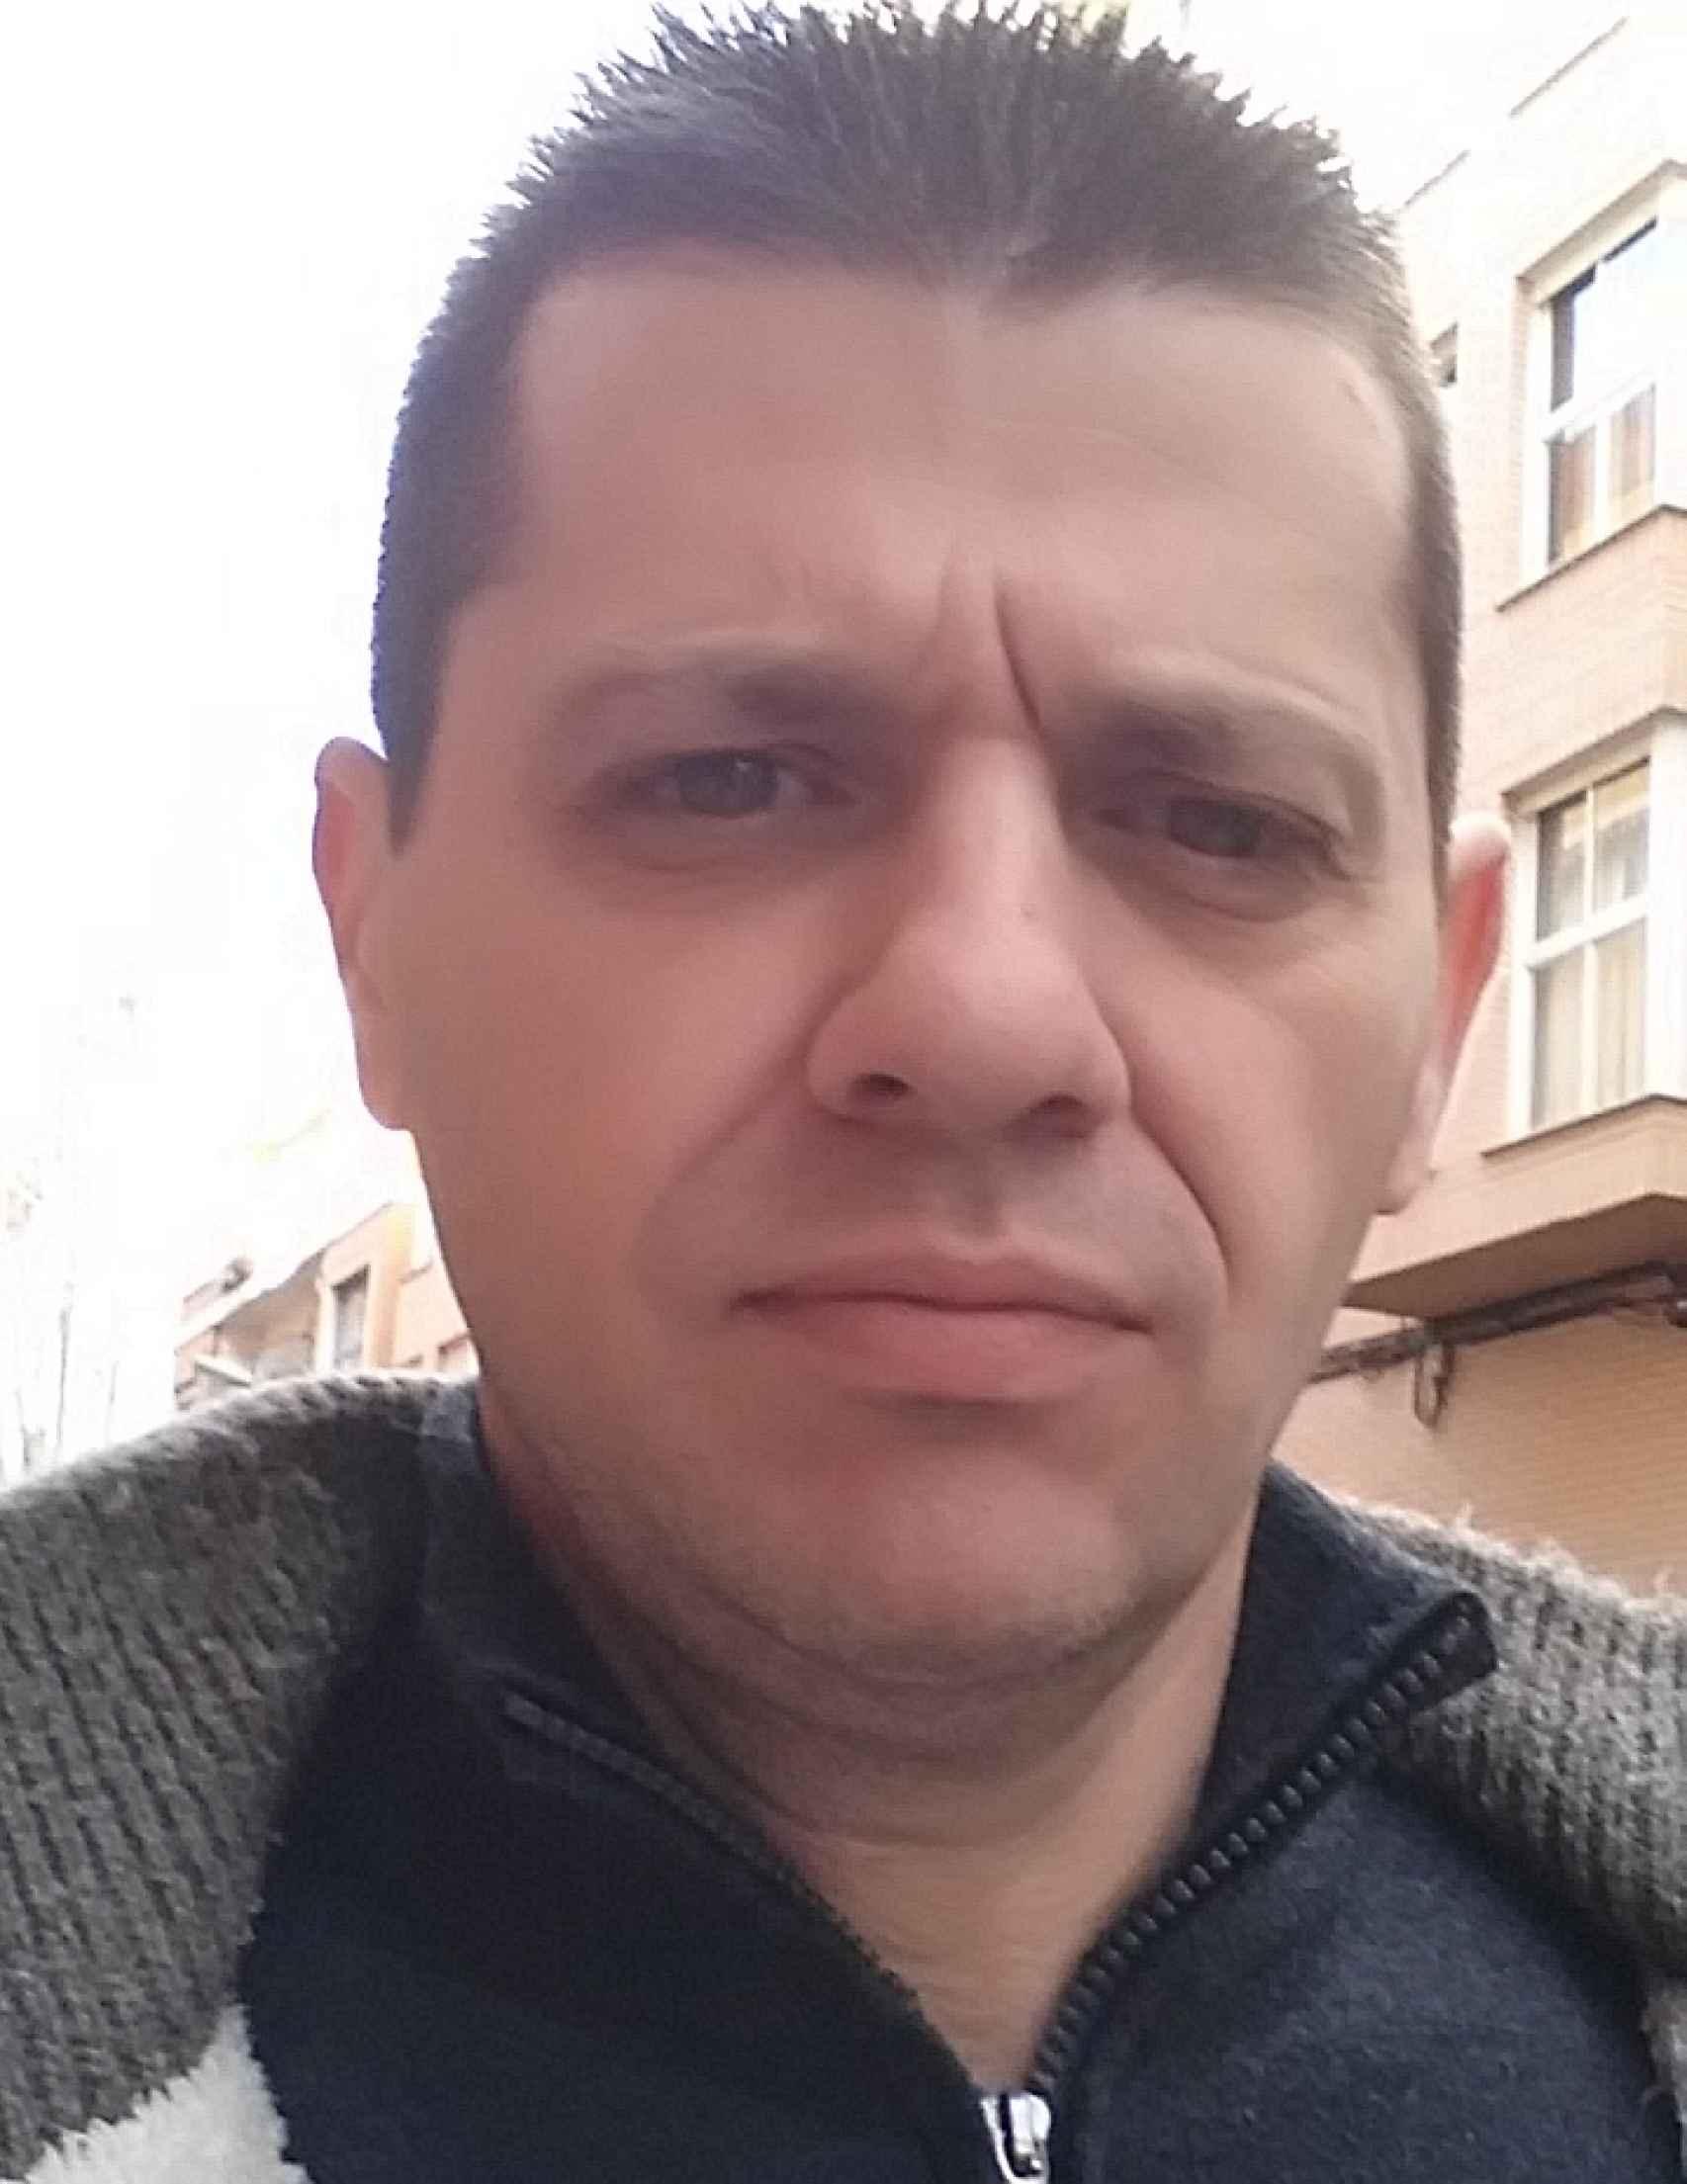 Joaquín Martínez Juan ha denunciado a la clínica dental Ceio.